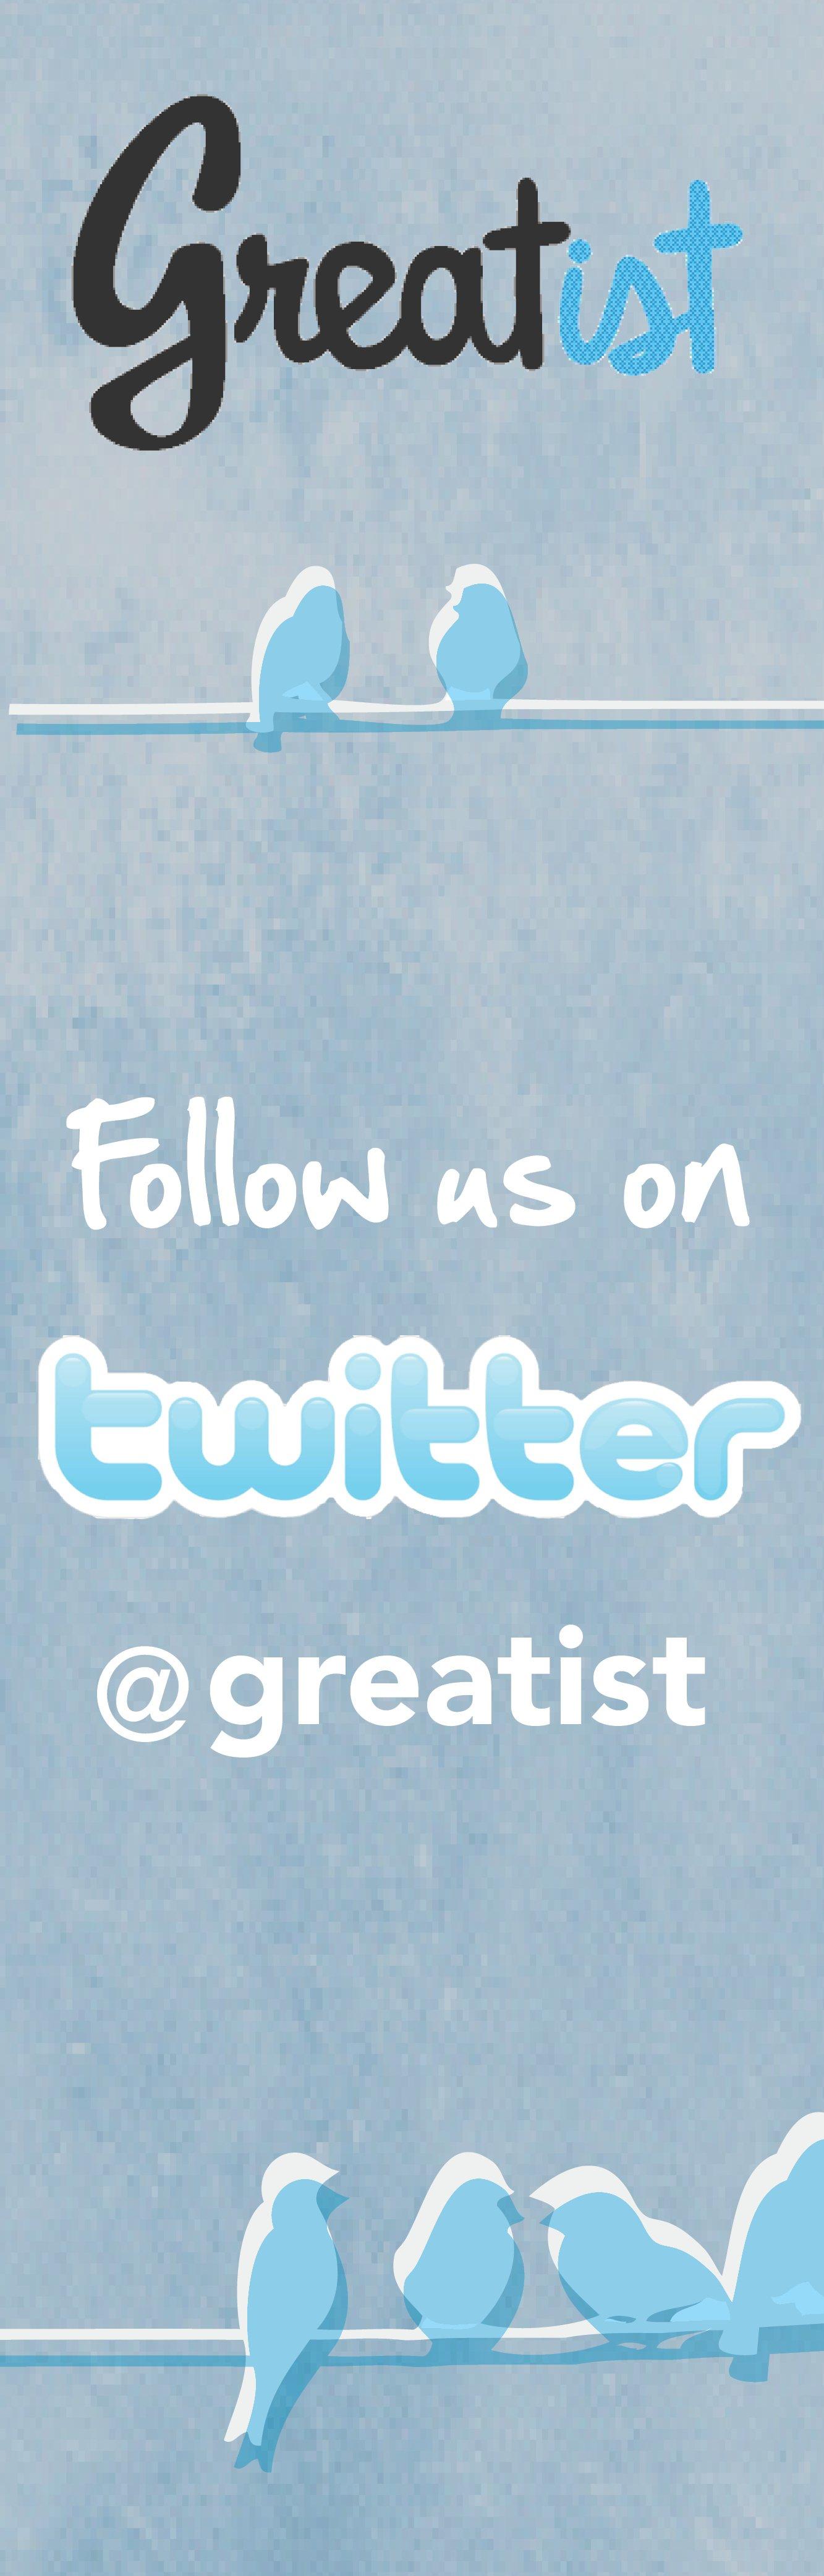 Newsletter Ads_Twitter